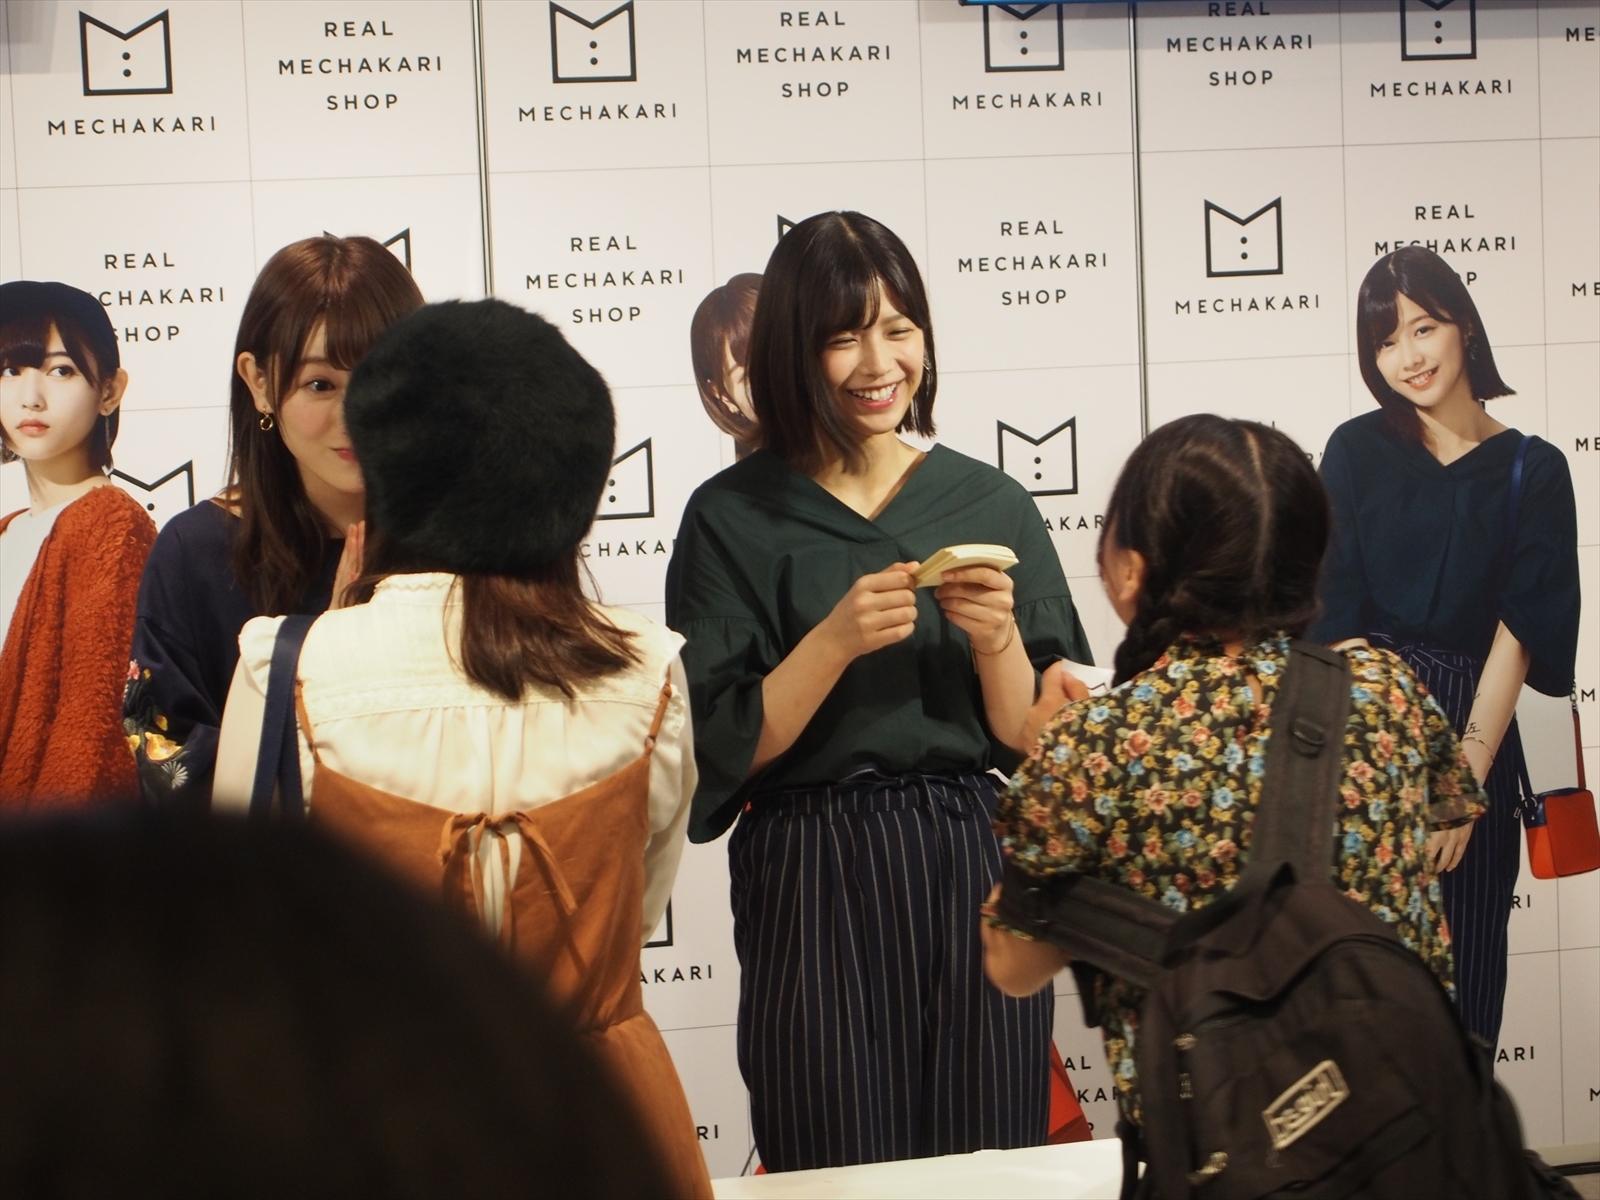 欅坂46が来店!もちろん理佐も♡ 「メチャカリ」初のリアルSHOPがオープン_1_2-5